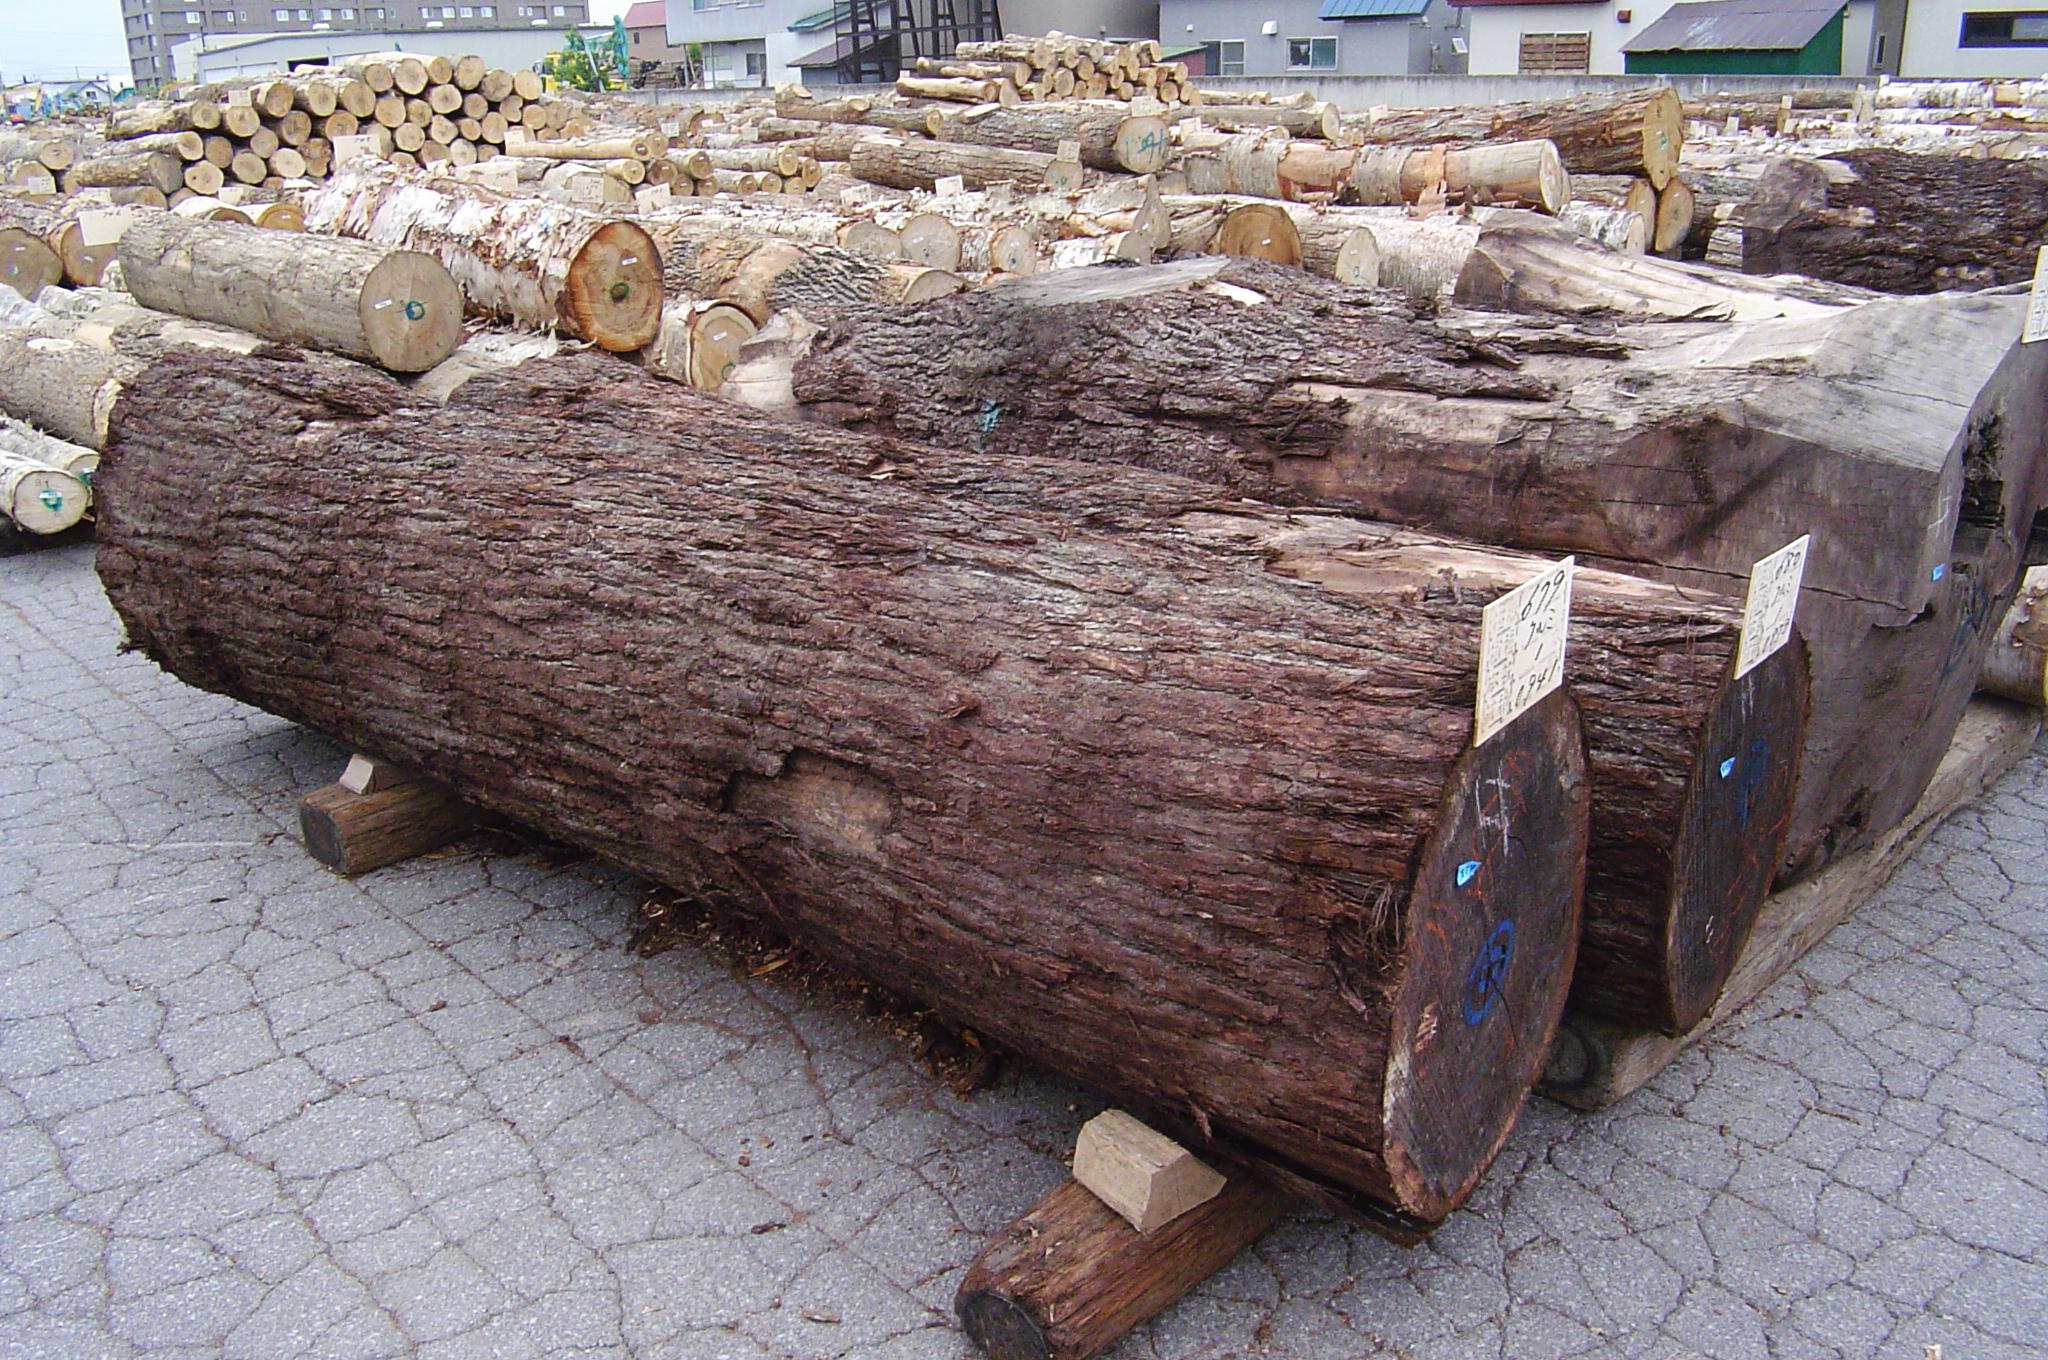 旭川の市場に並んでいたアメリカンブラックウォールナットの丸太